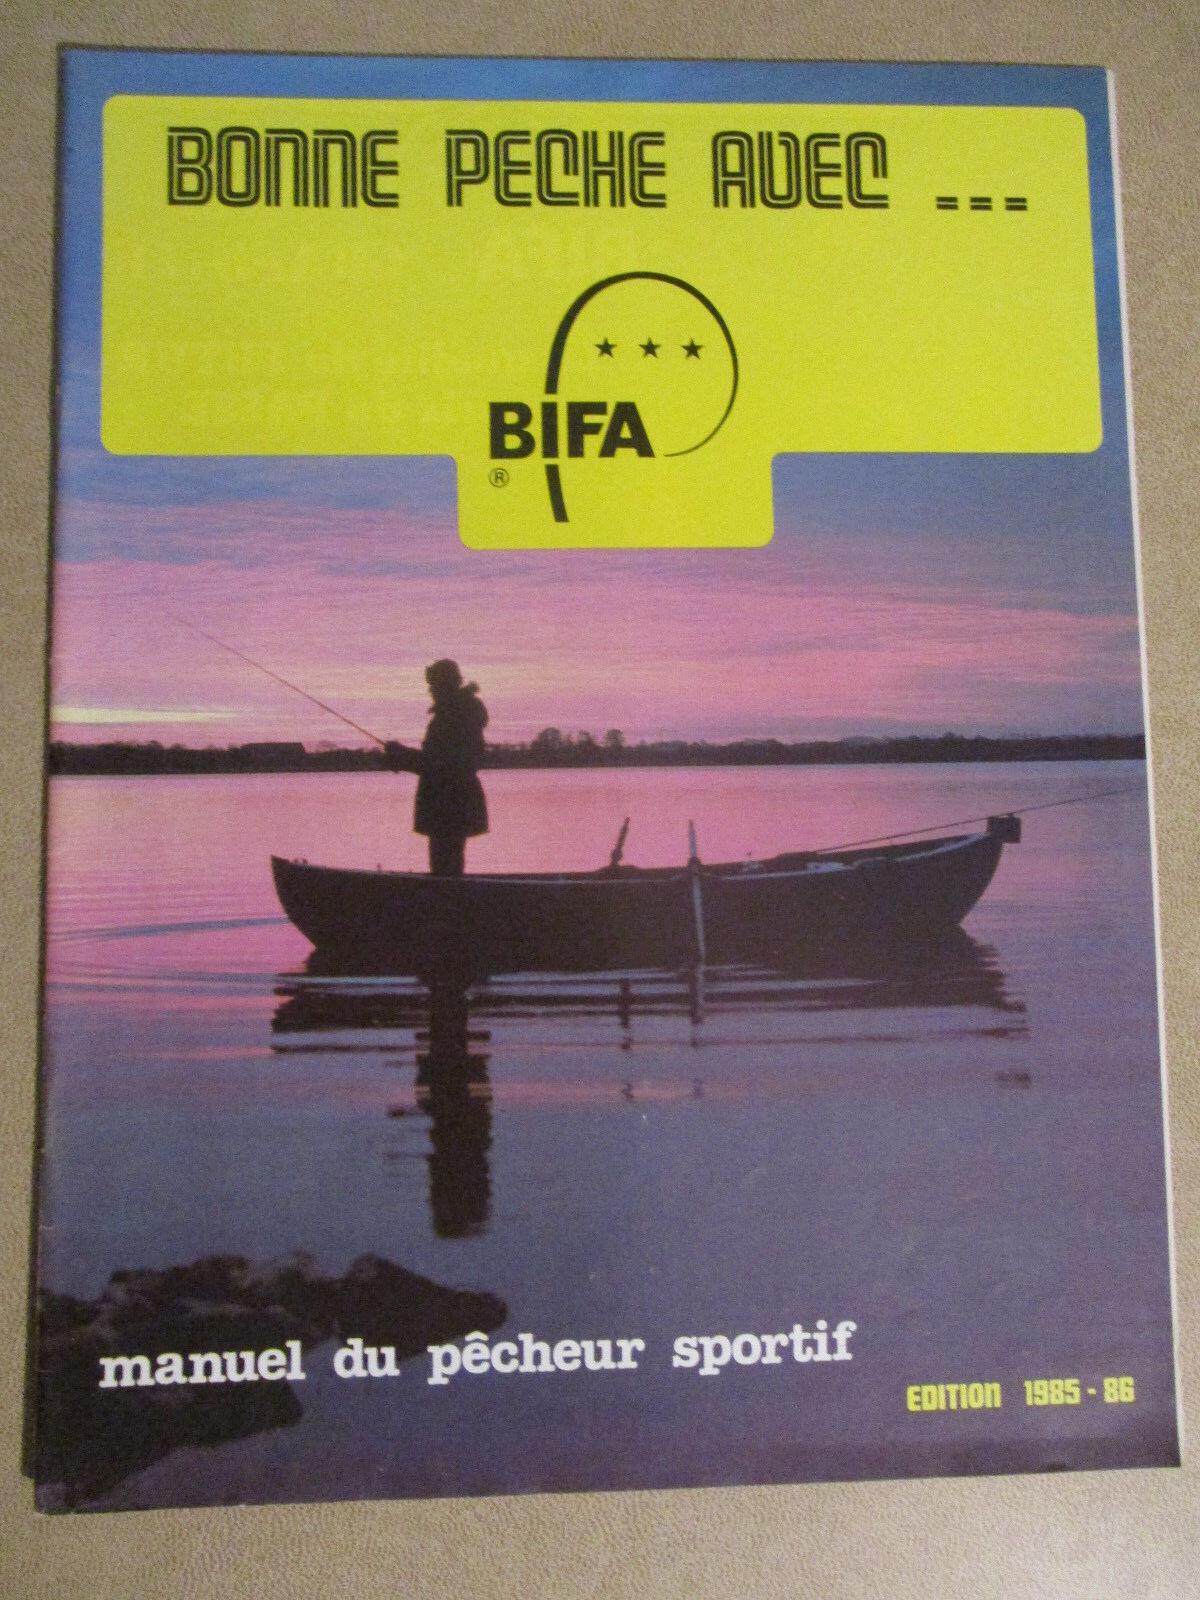 BONNE PECHE AVEC BIFA - MANUEL DU PECHEUR SPORTIF - EDITION 1985-86